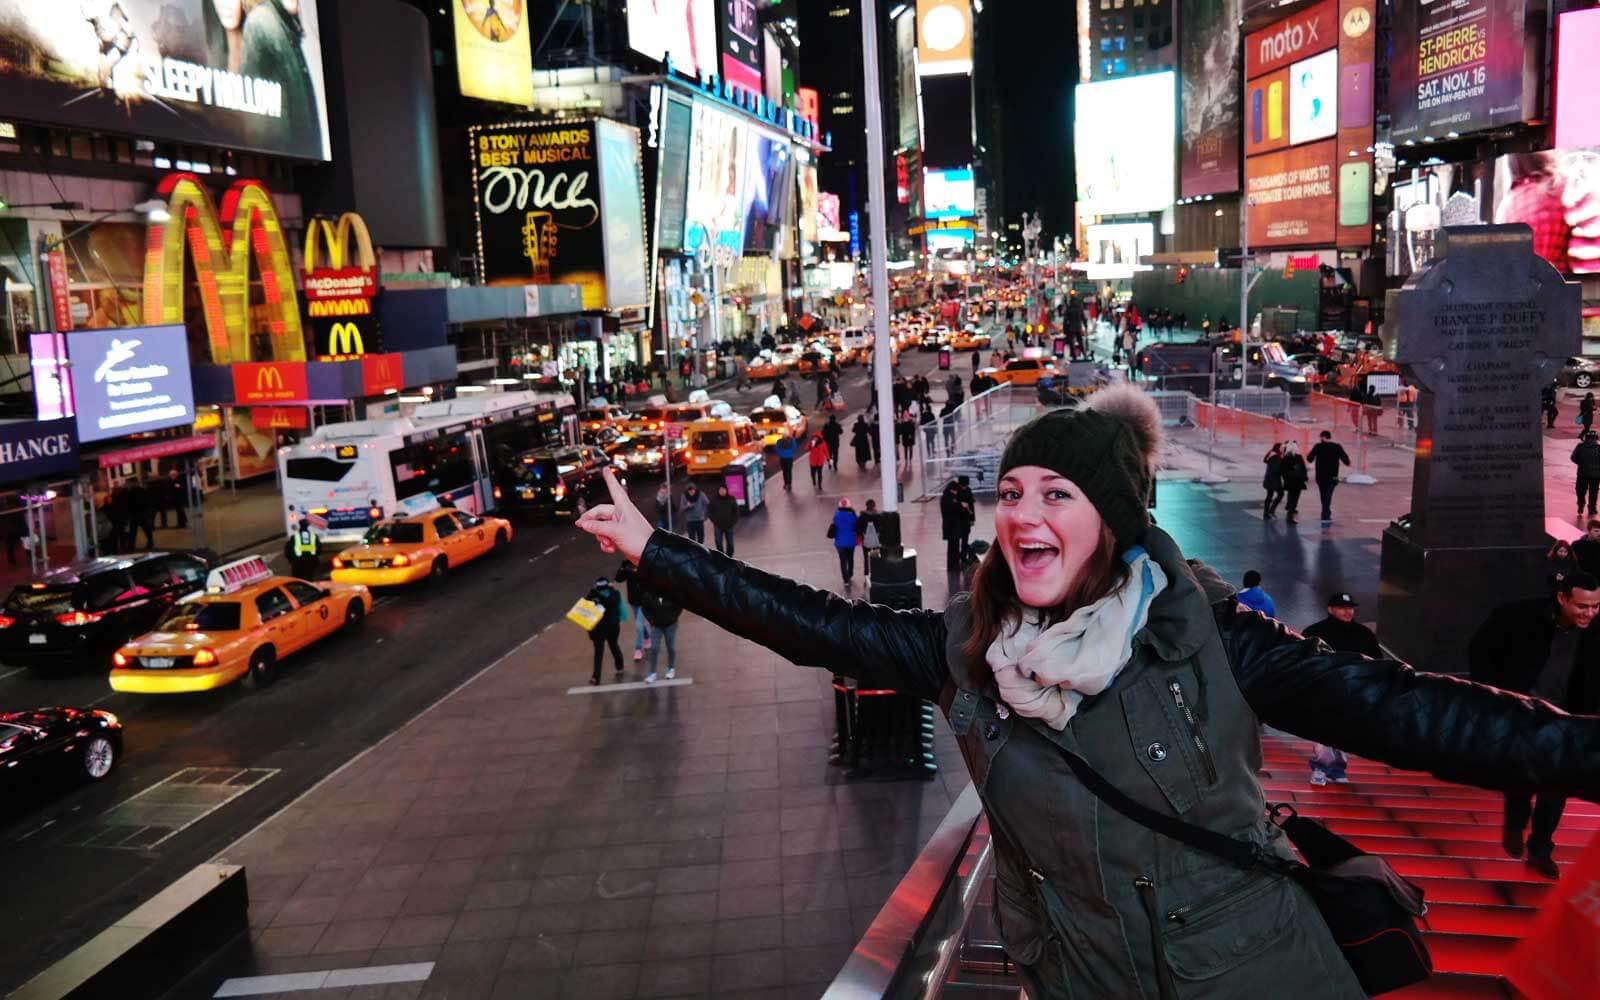 Melina in New York City